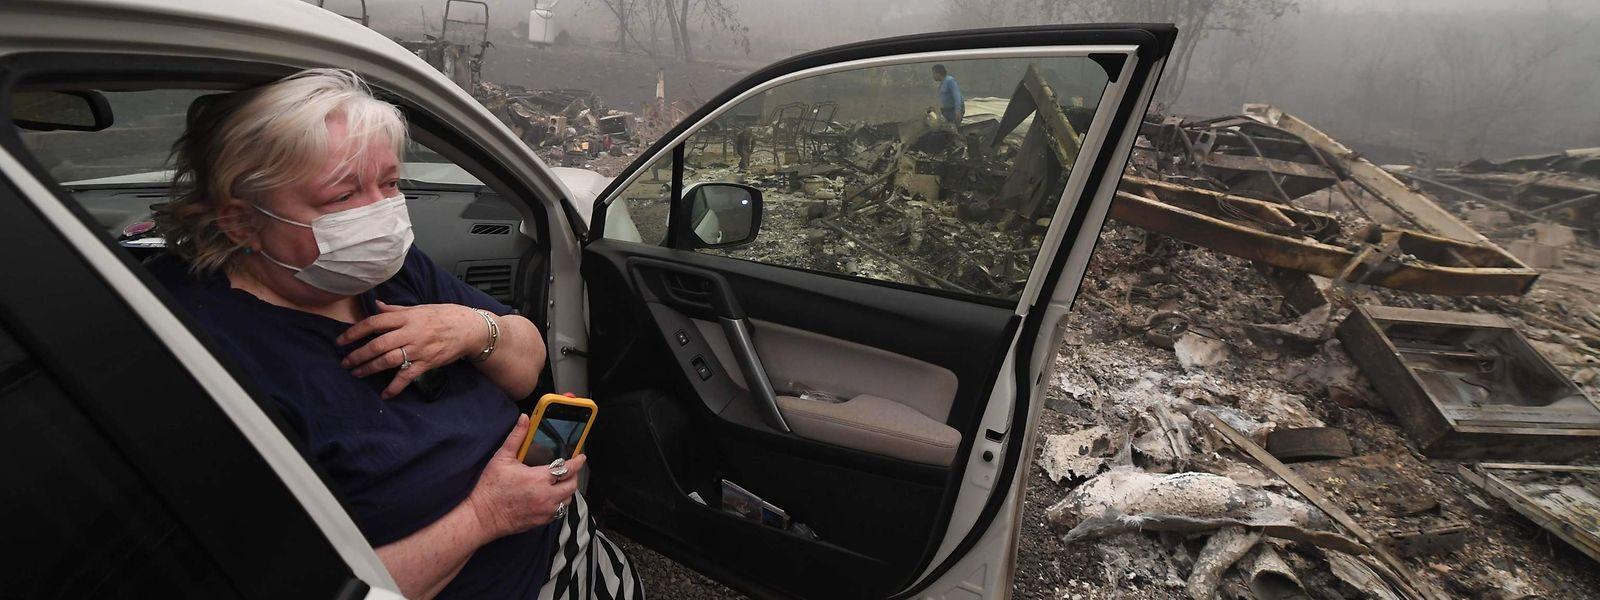 Das Mobilheim dieser Frau wurde bei einem Feuer in Estacada, Oregon, zerstört.